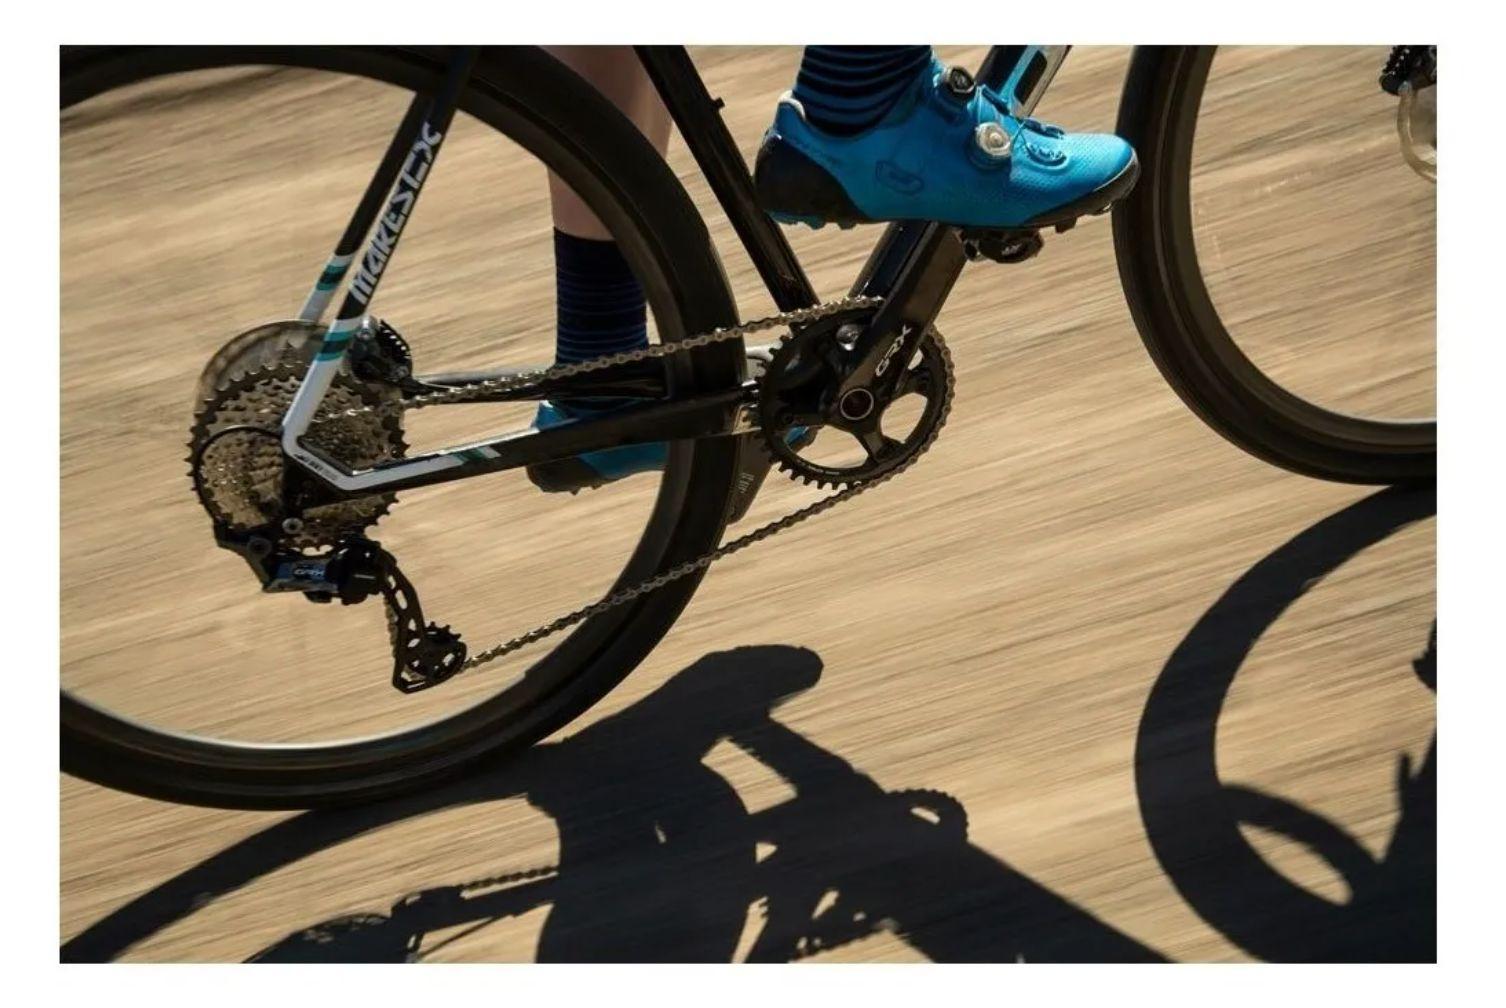 Pedivela Shimano Grx Rx810 40d 172,5mm 11v Speed Ciclocross